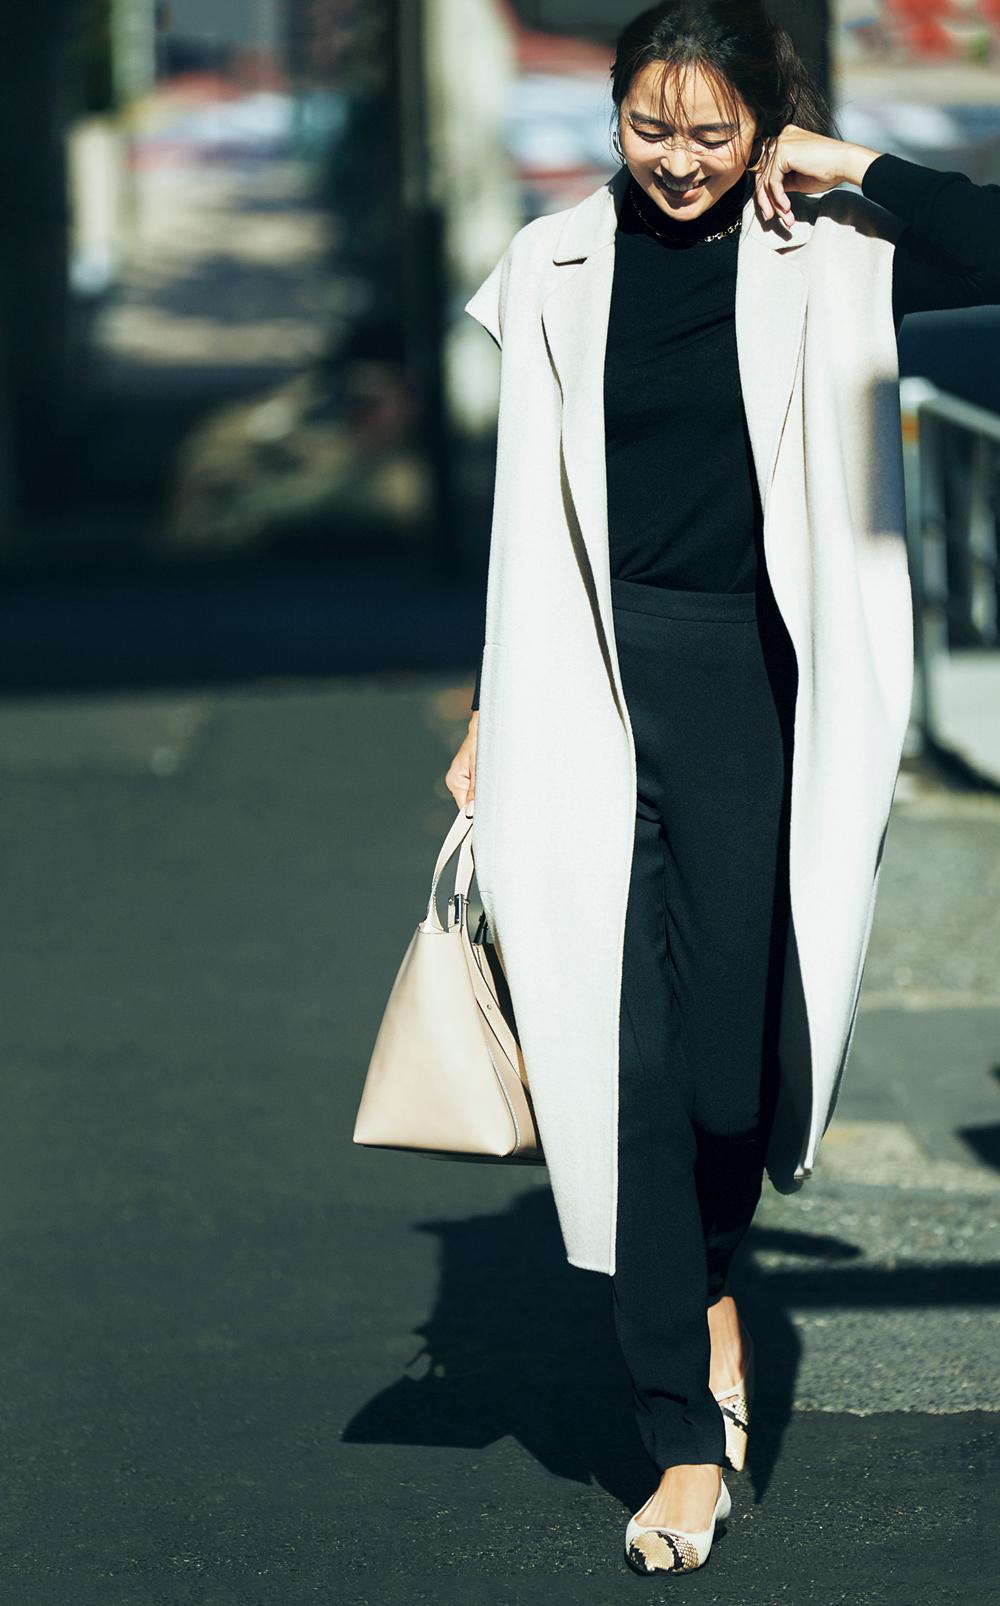 30代ファッションのお手本。全身黒のきれいめコーデにジレでスタイルよく。モデルは鈴木六夏さん。